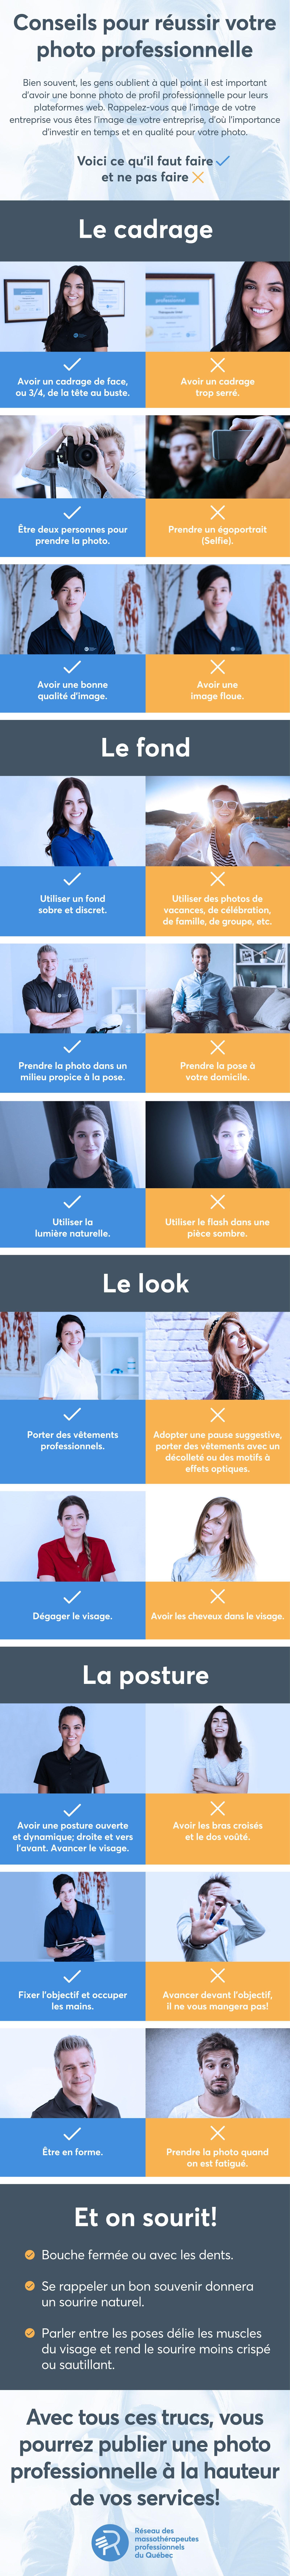 Conseils pour réussir votre photo de profil web professionnelle